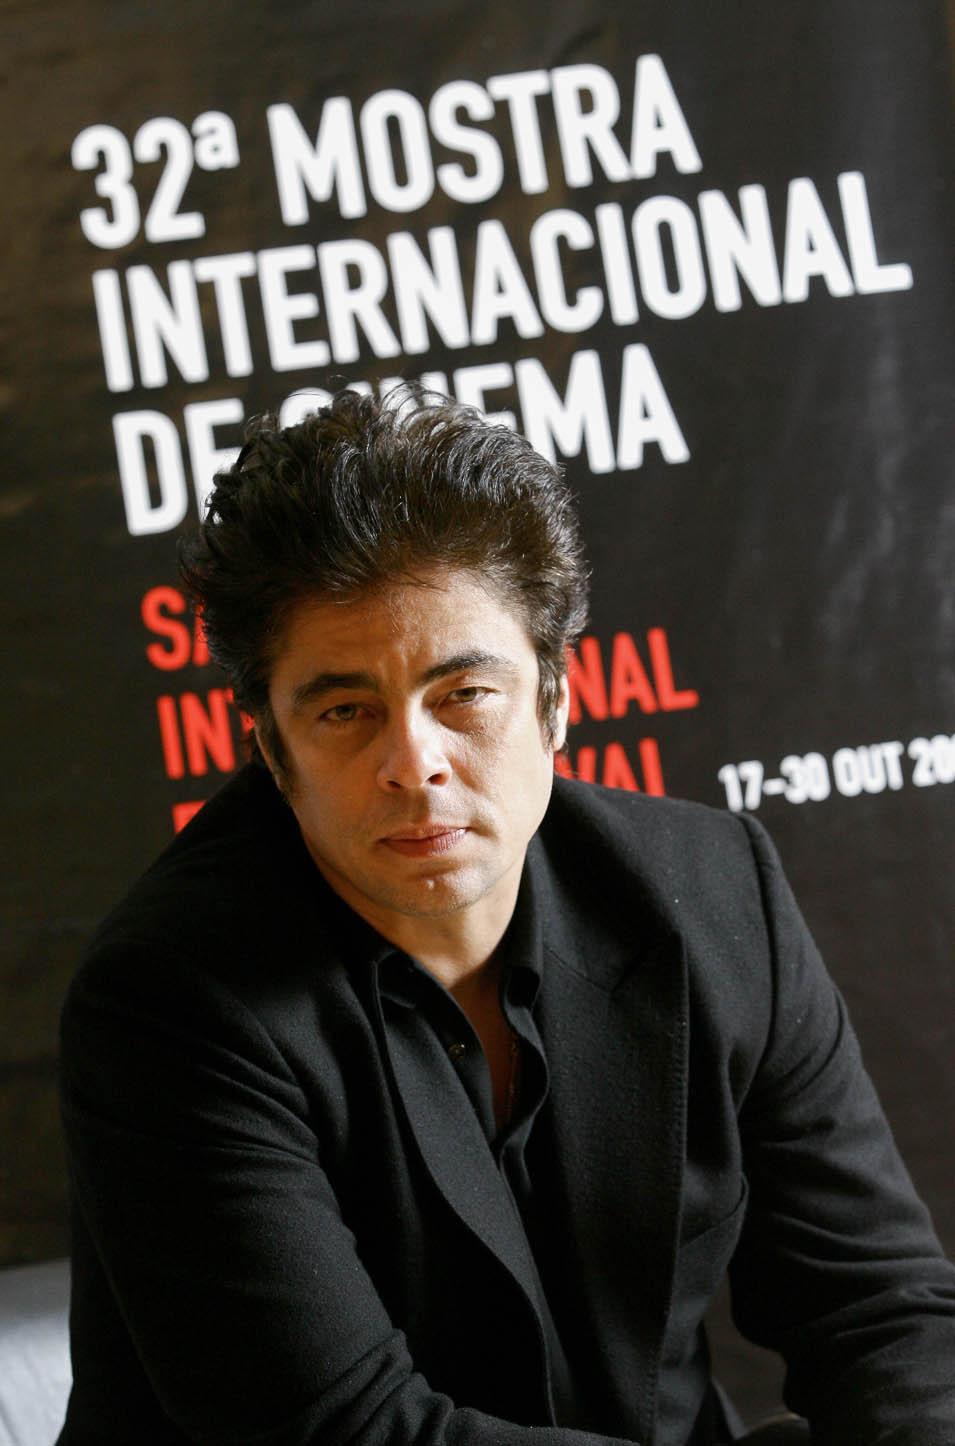 32ª Mostra Internacional de Cinema em São Paulo